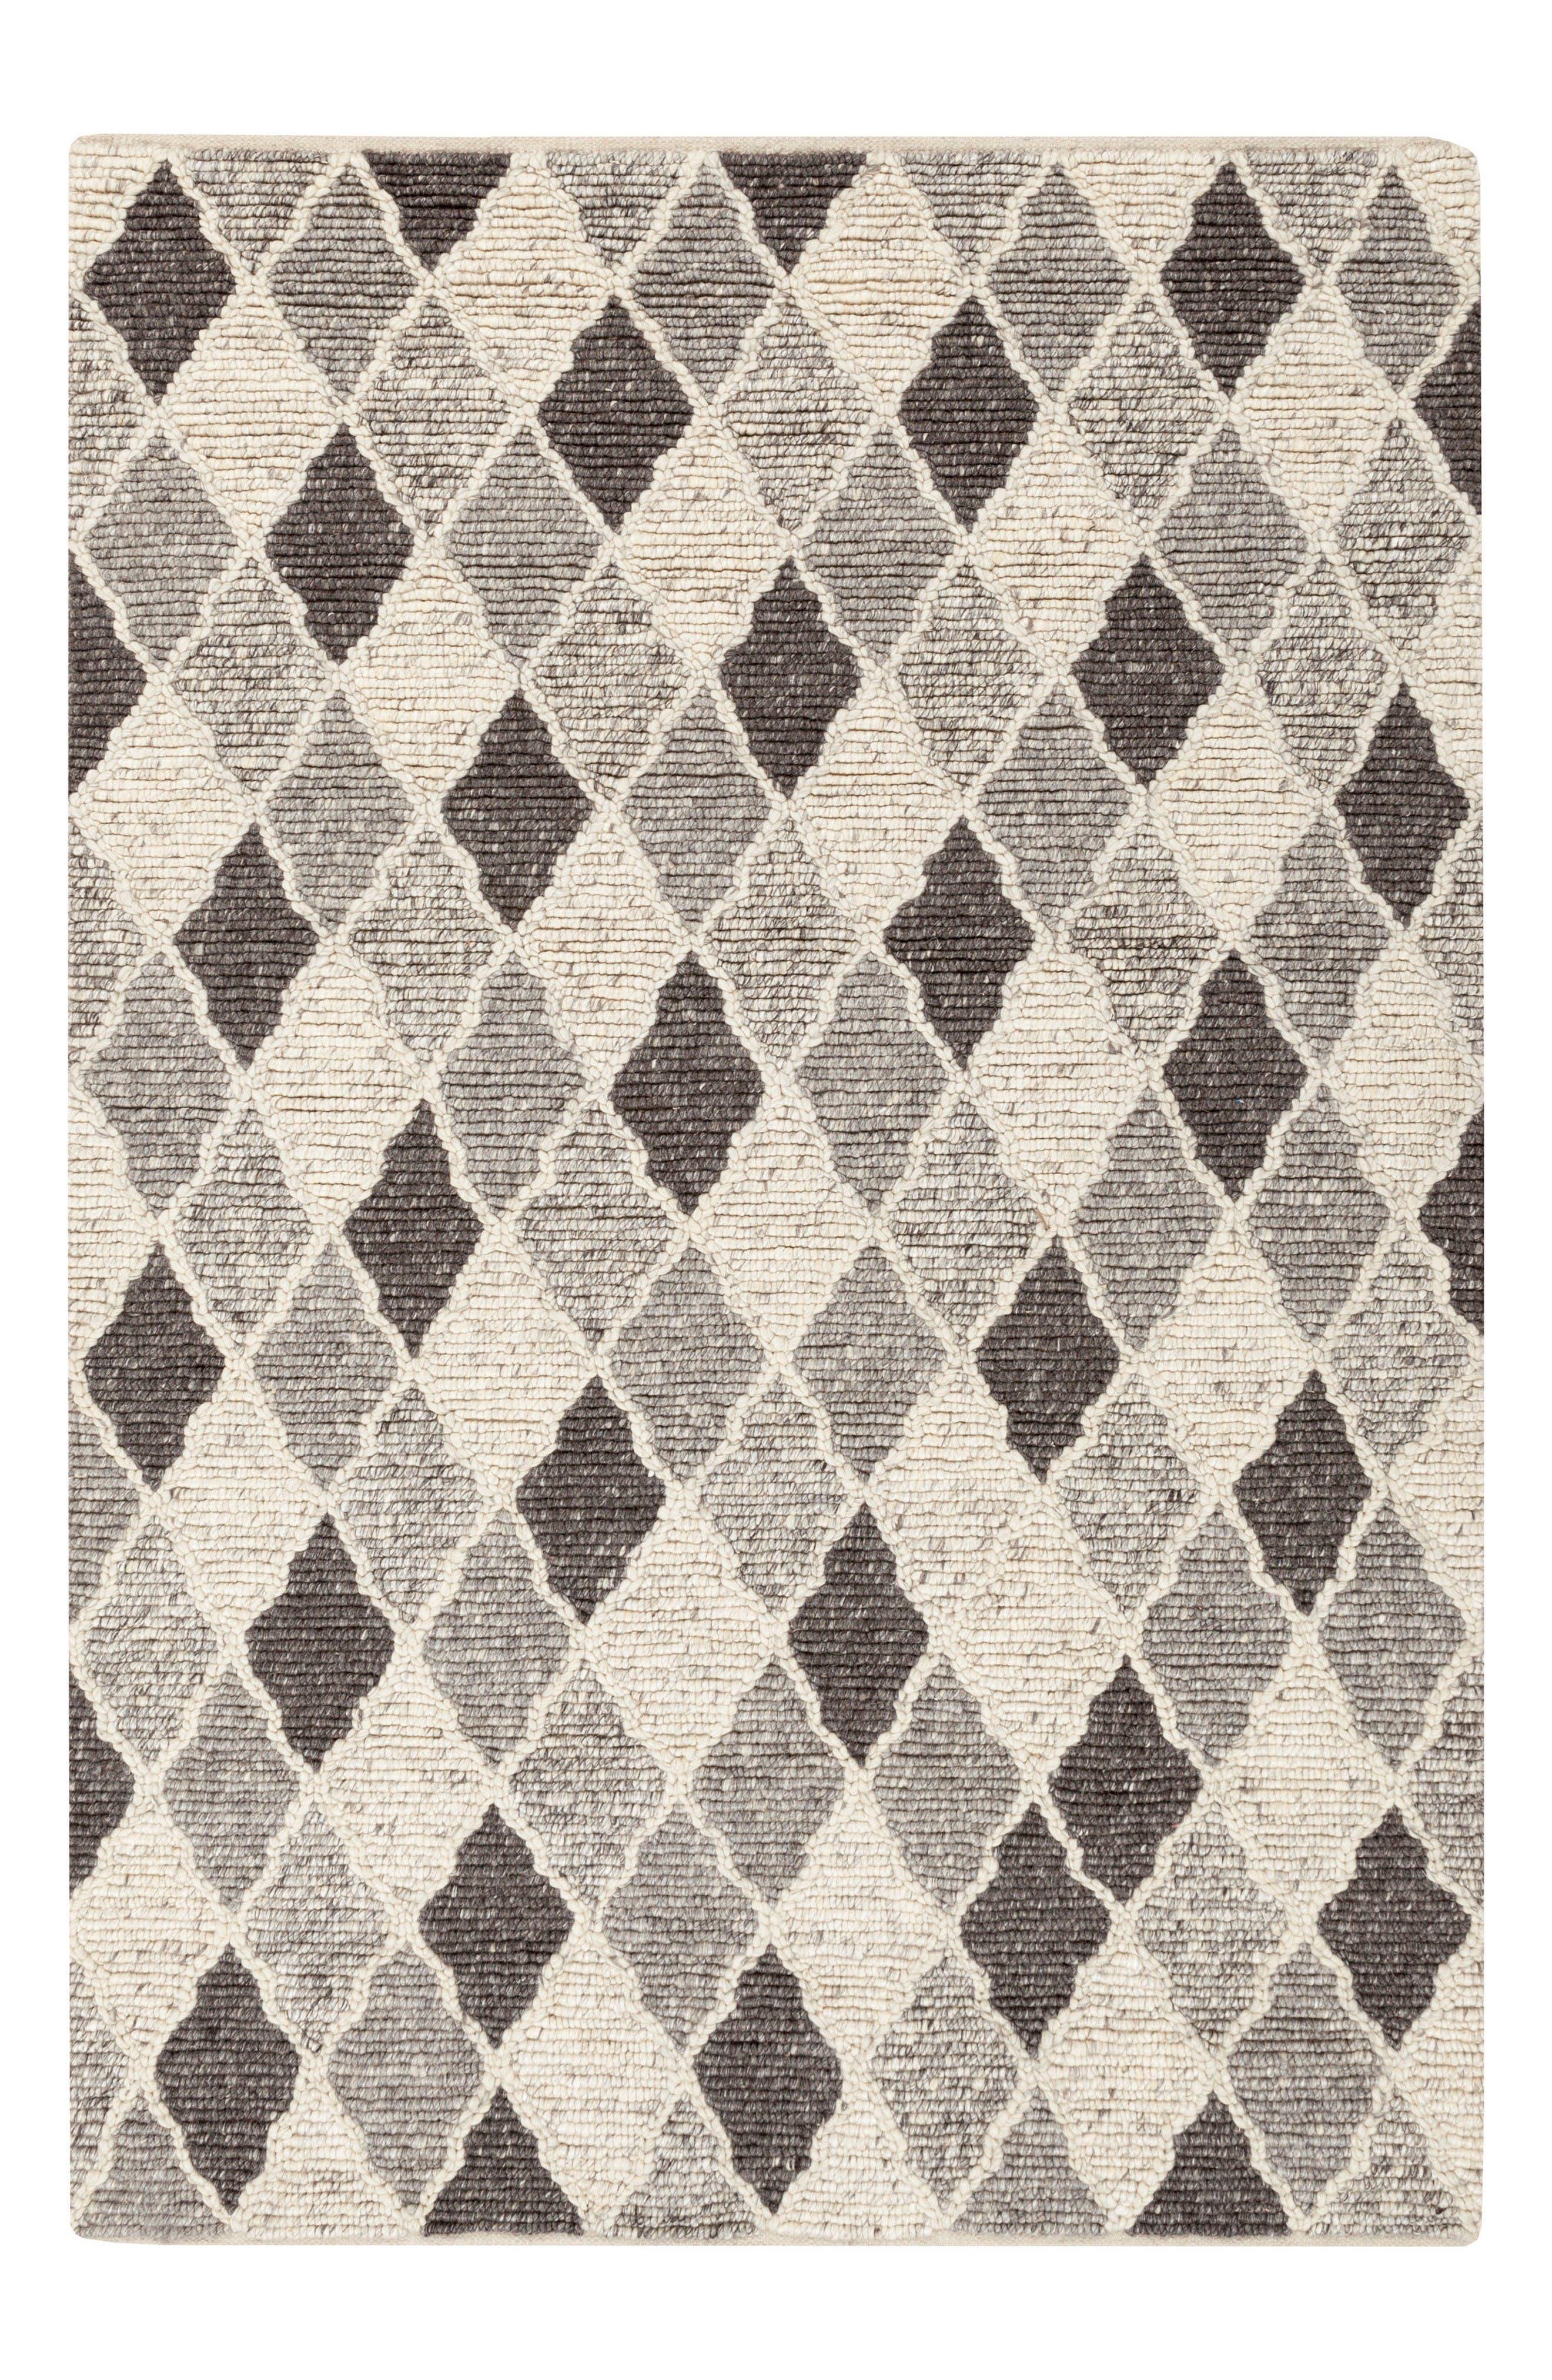 Nico Handwoven Shag Rug,                         Main,                         color, Charcoal